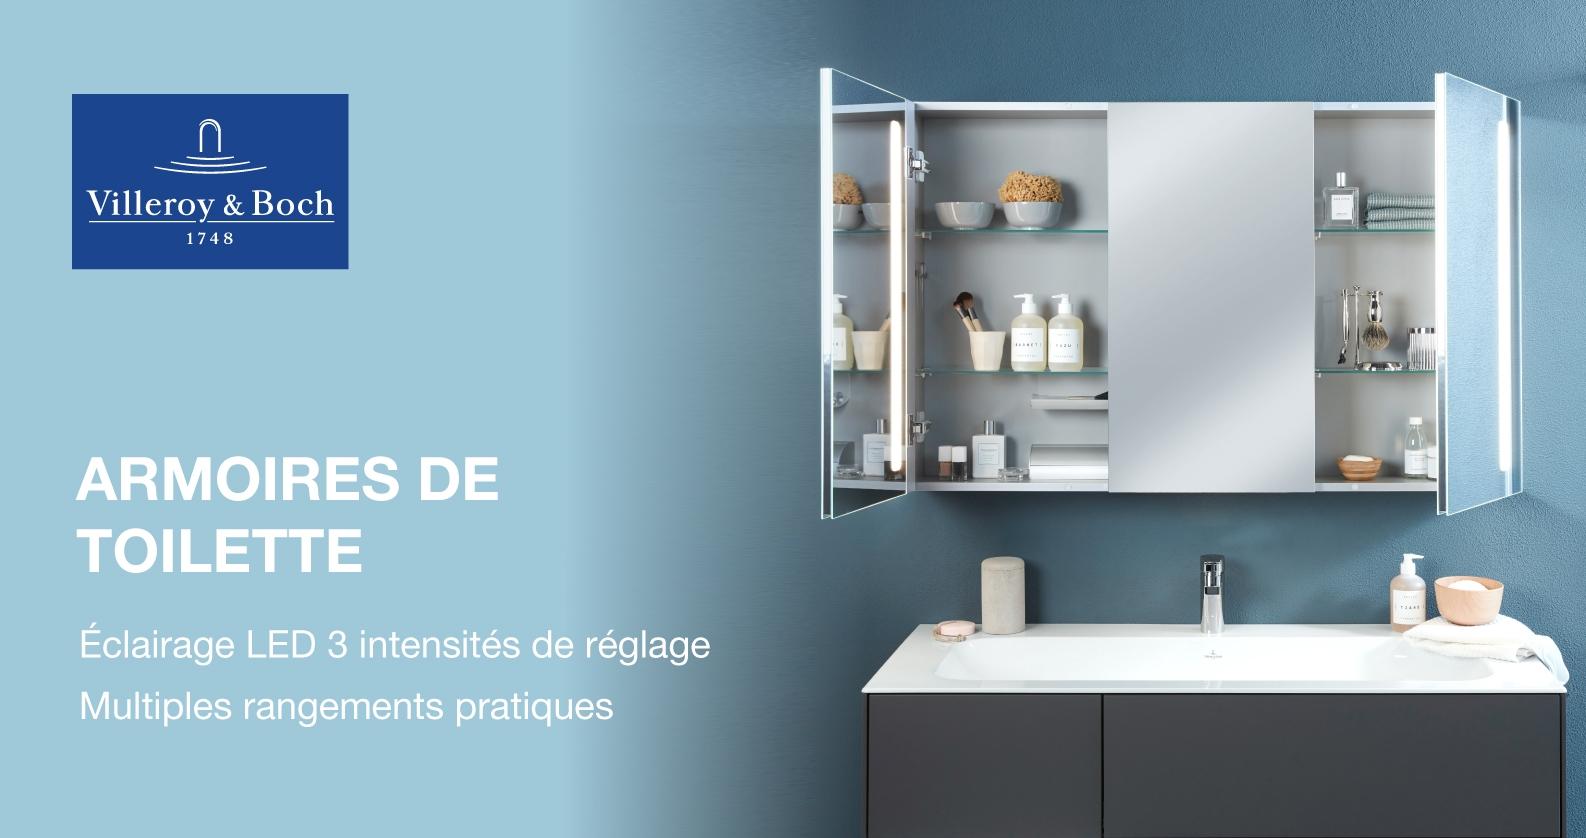 Villeroy & Boch Armoires de toilette chez xTWO